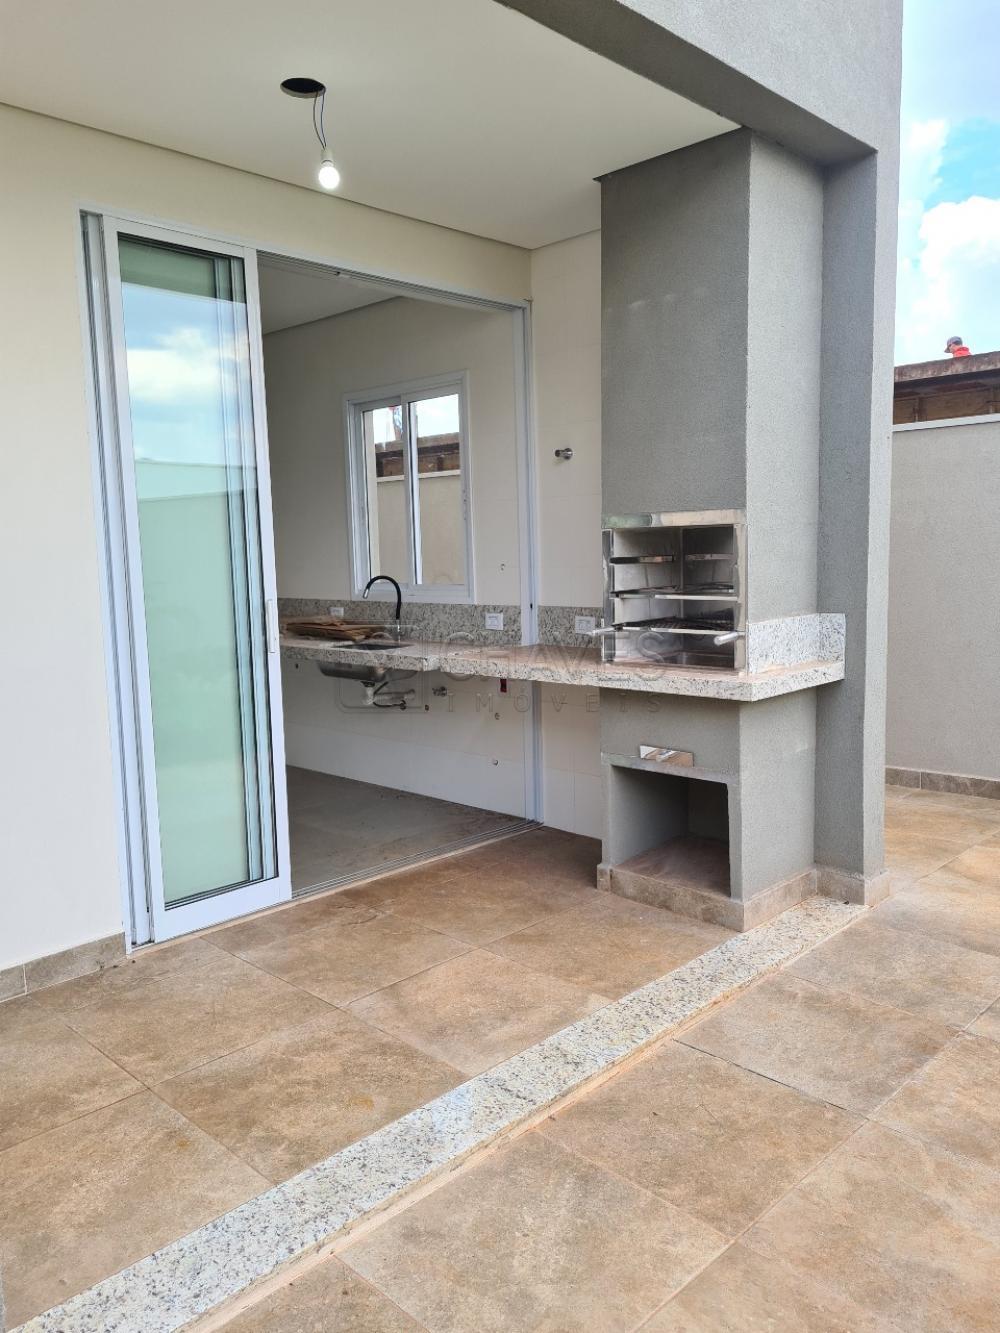 Comprar Casa / Condomínio em Ribeirão Preto R$ 915.000,00 - Foto 11